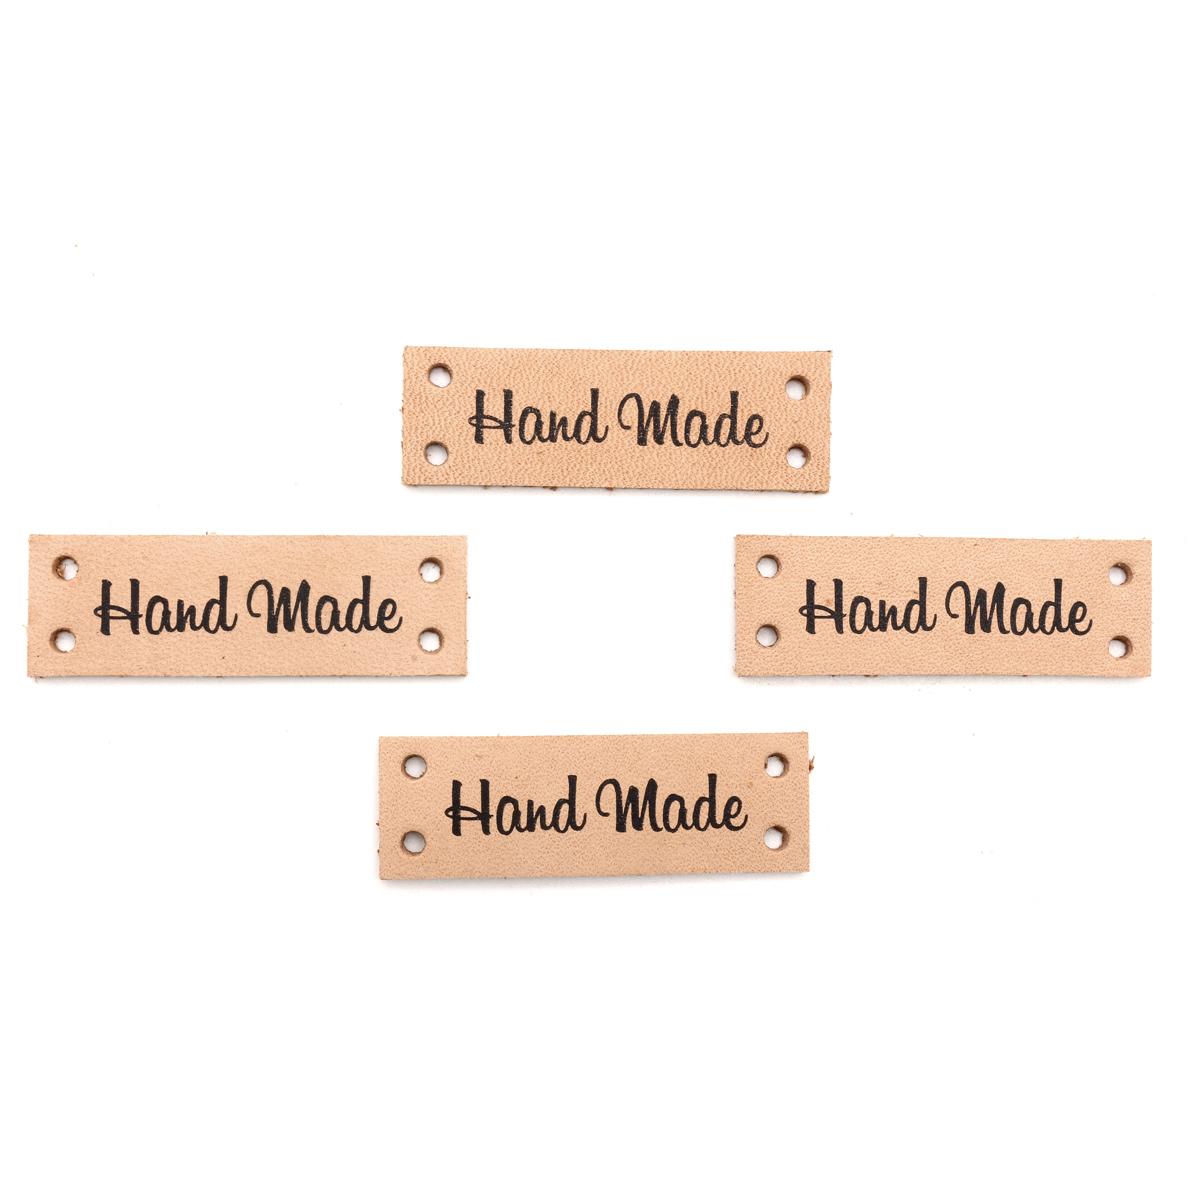 Набор кожаных бирок пришивных 'Hand Made' 1,4*4см, цв. бежевый, уп.8шт